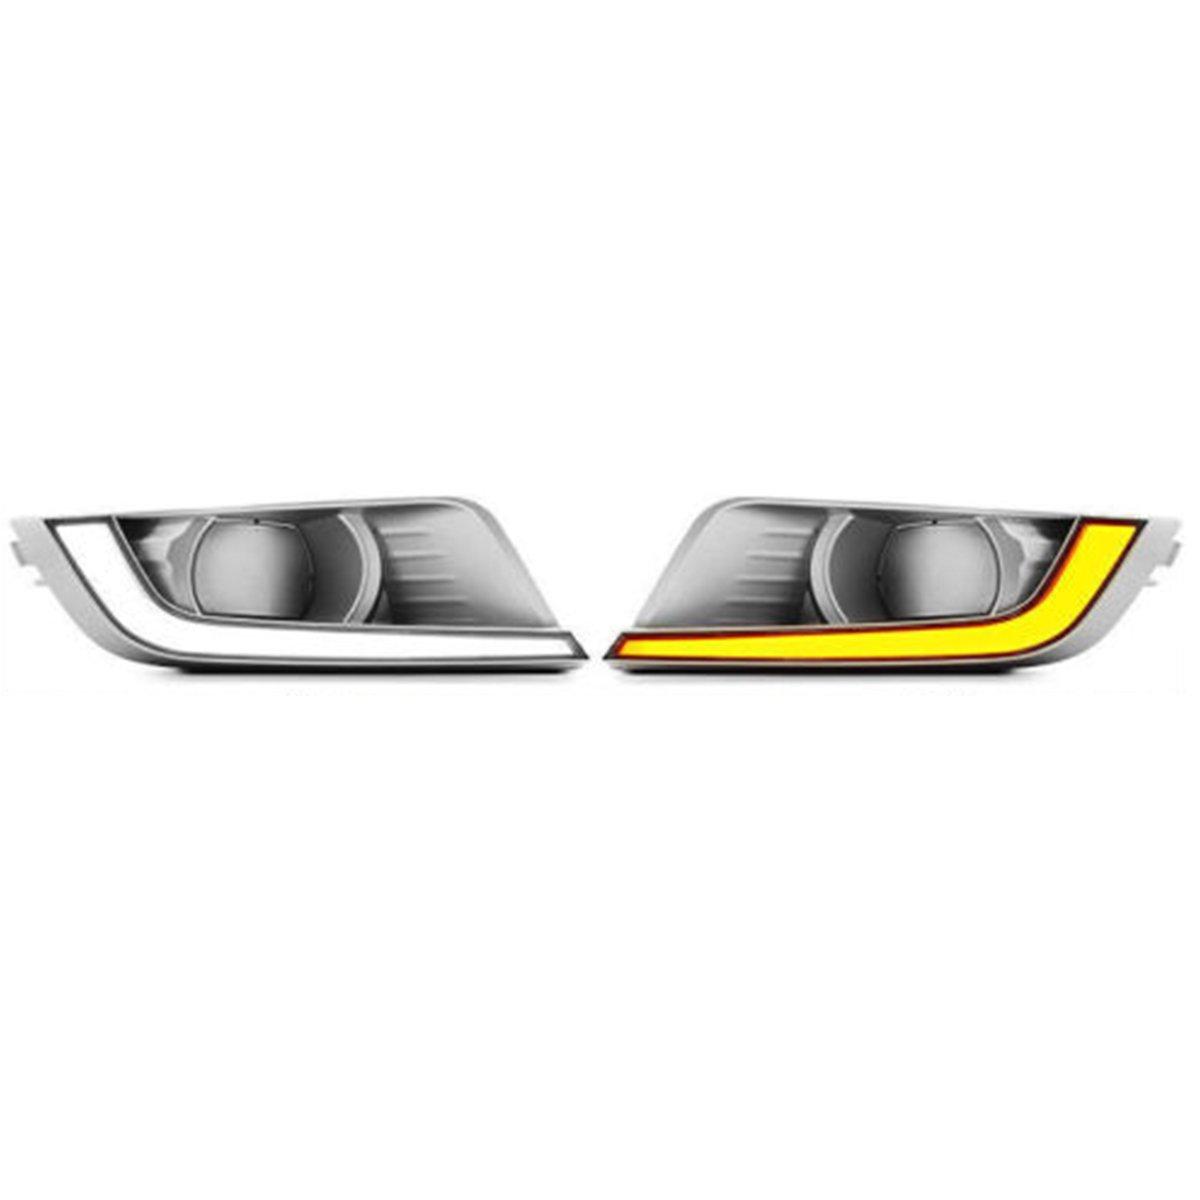 WCHAOEN Pair Dual-color COB LED Car Daytime Running Lights Fog Lamp for Ford Ranger T6 MK2 2016-2018 New car light